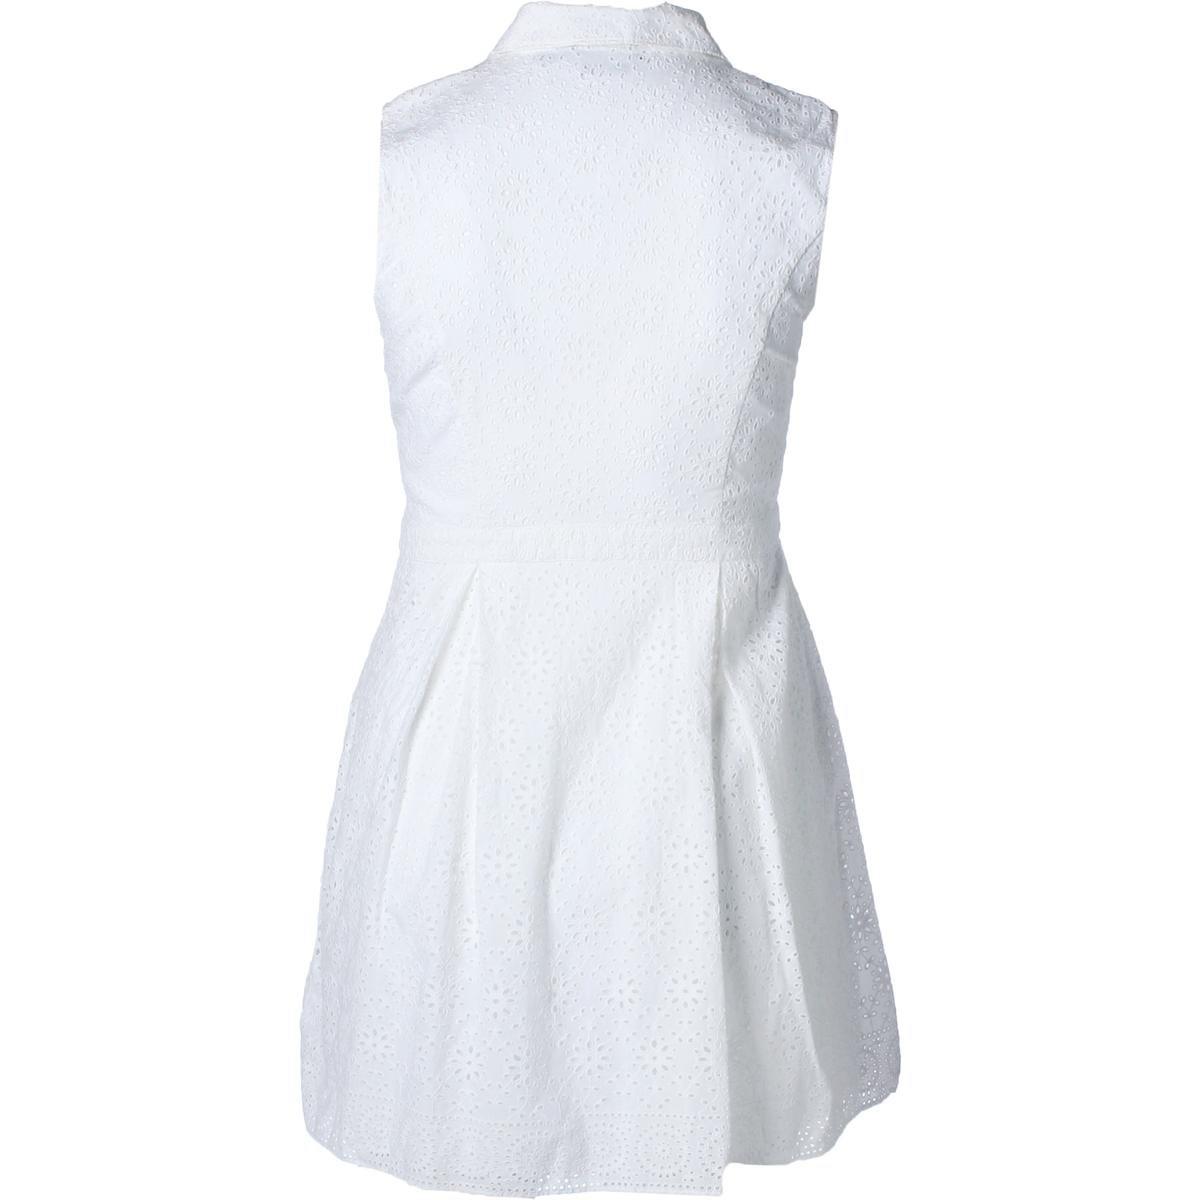 ae95348a8f9b LAUREN RALPH LAUREN Women s Cotton Eyelet Fit   Flare Pleated Shirt Dress